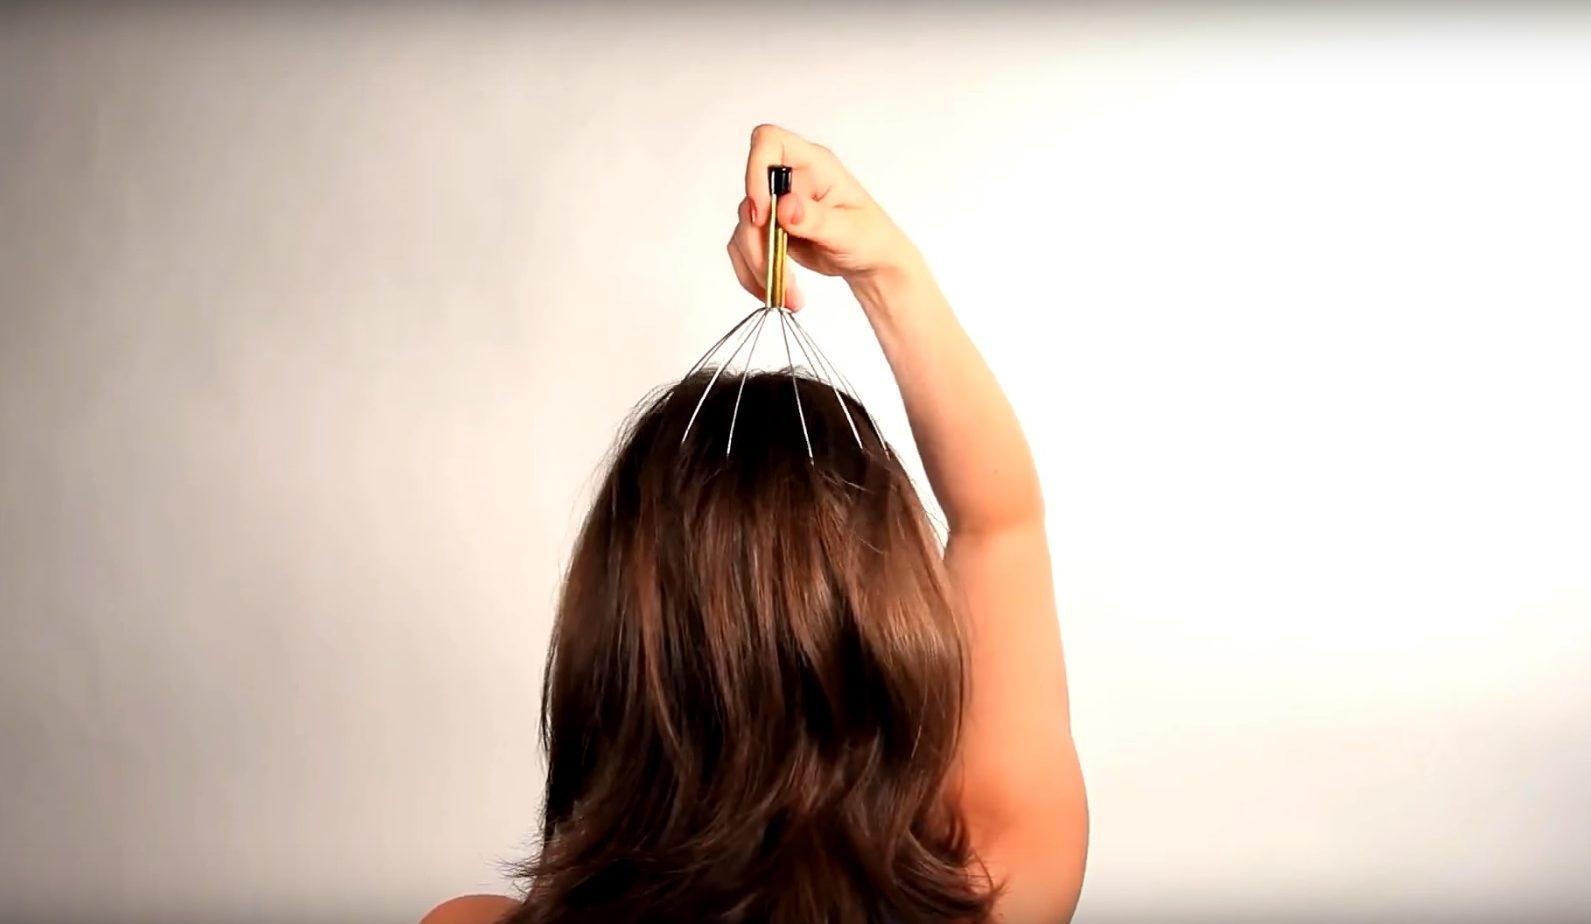 Чем полезен массажер для головы мурашка